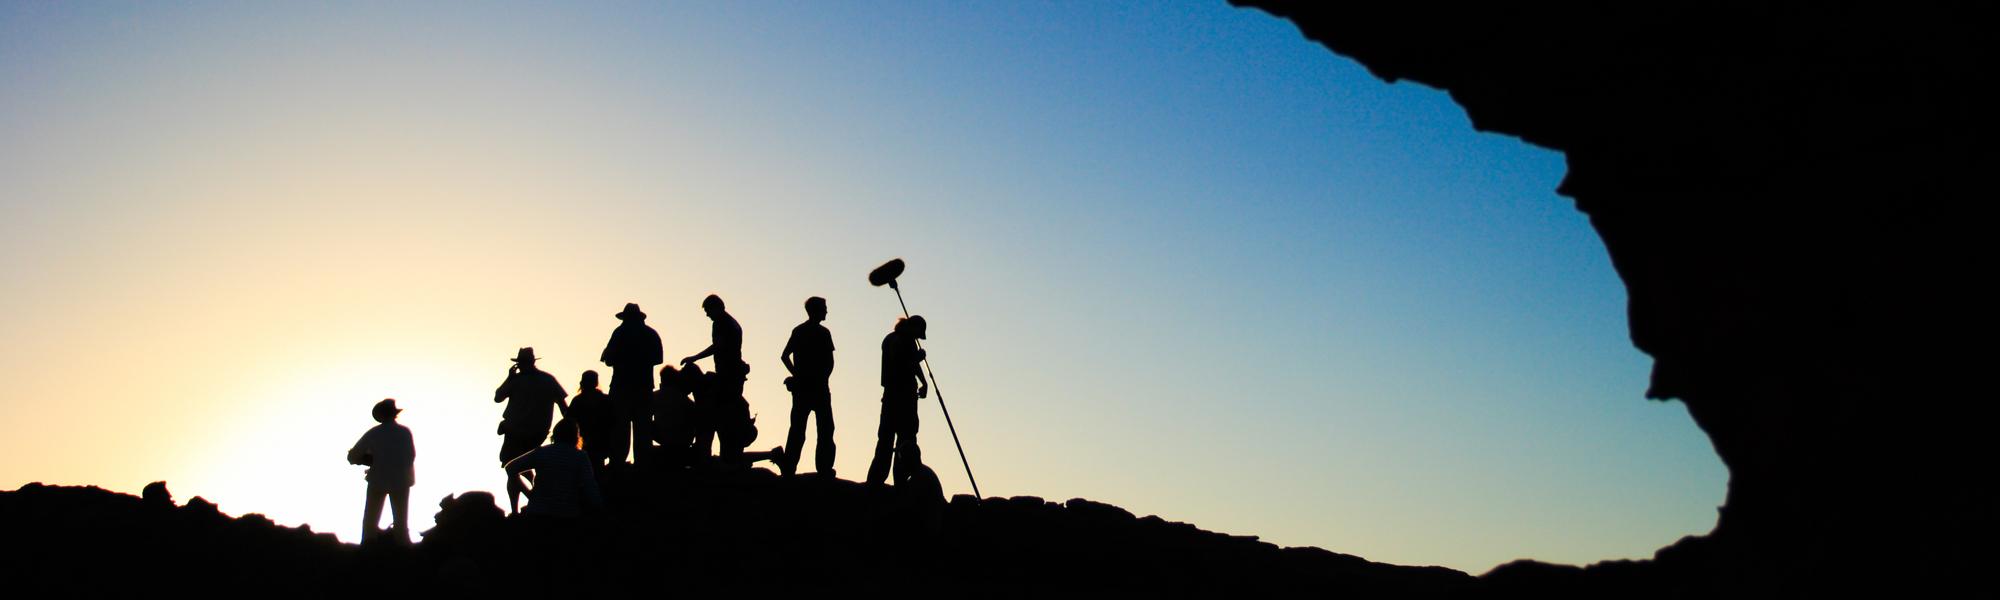 Film Fixing